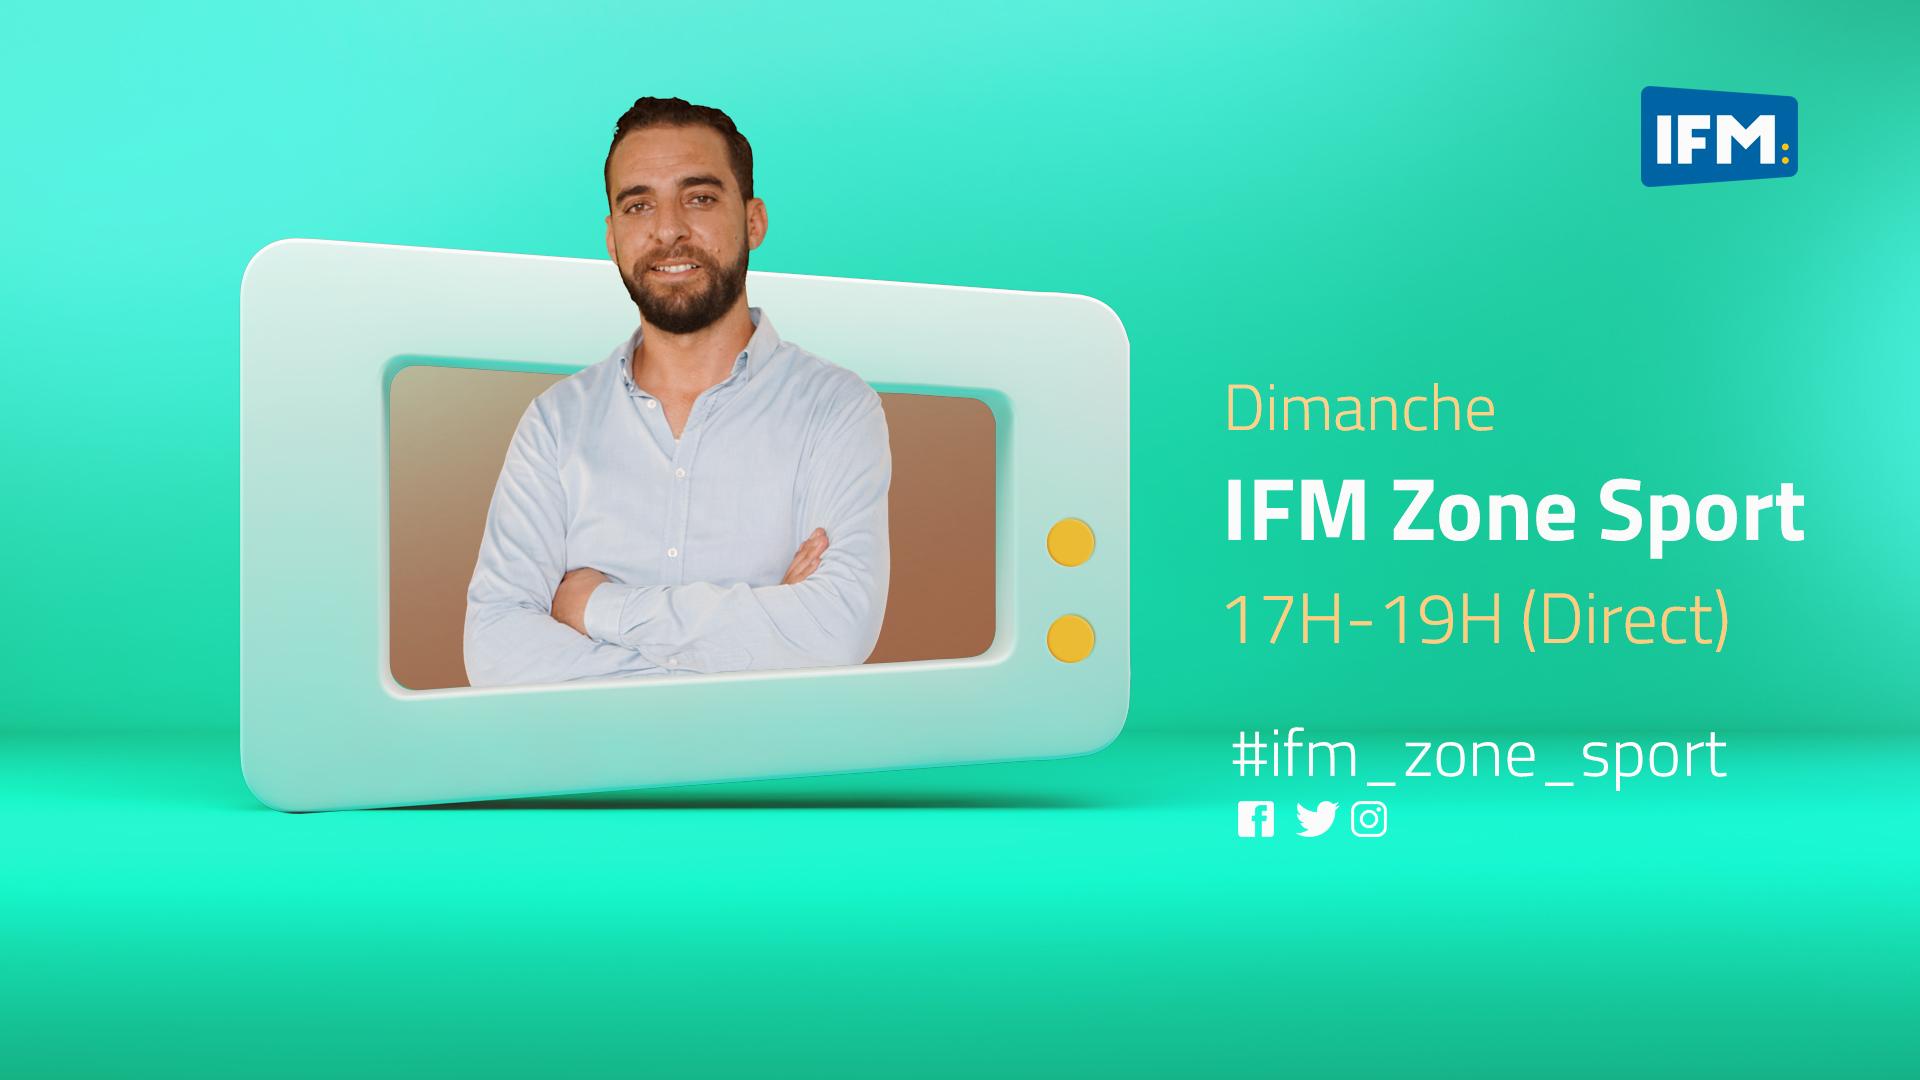 IFM ZONE SPORT